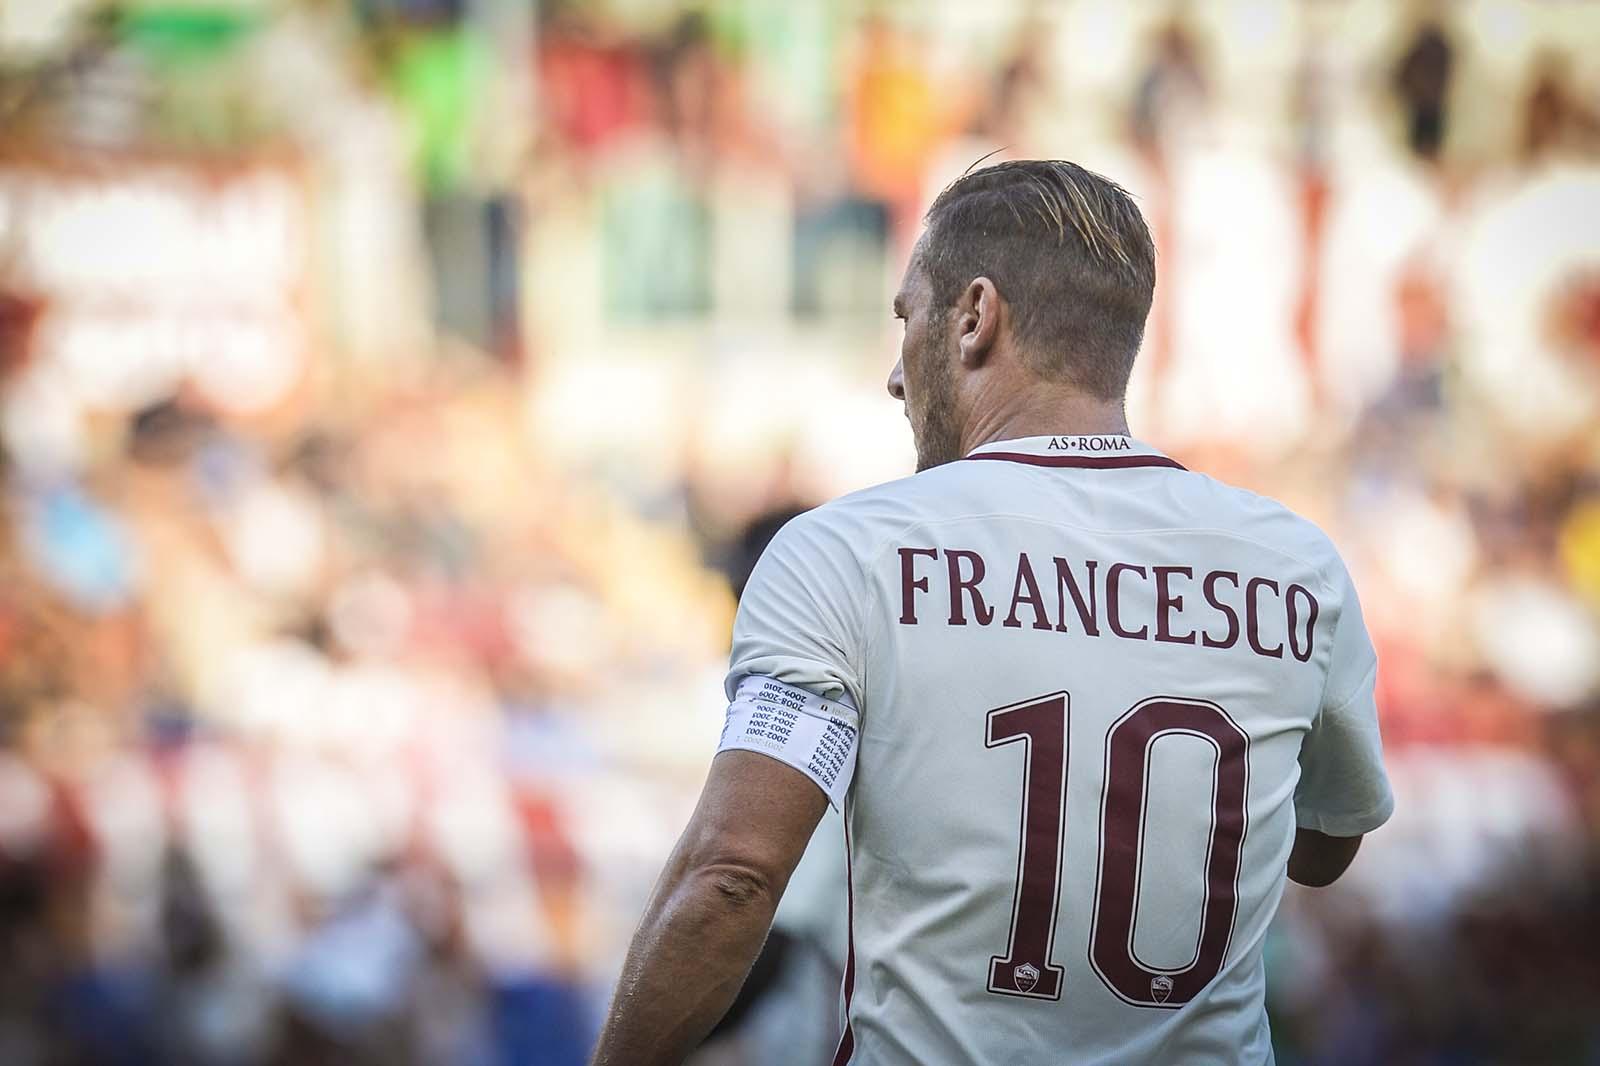 Totti a souhaité rendre hommage au Pape François avec ce maillot